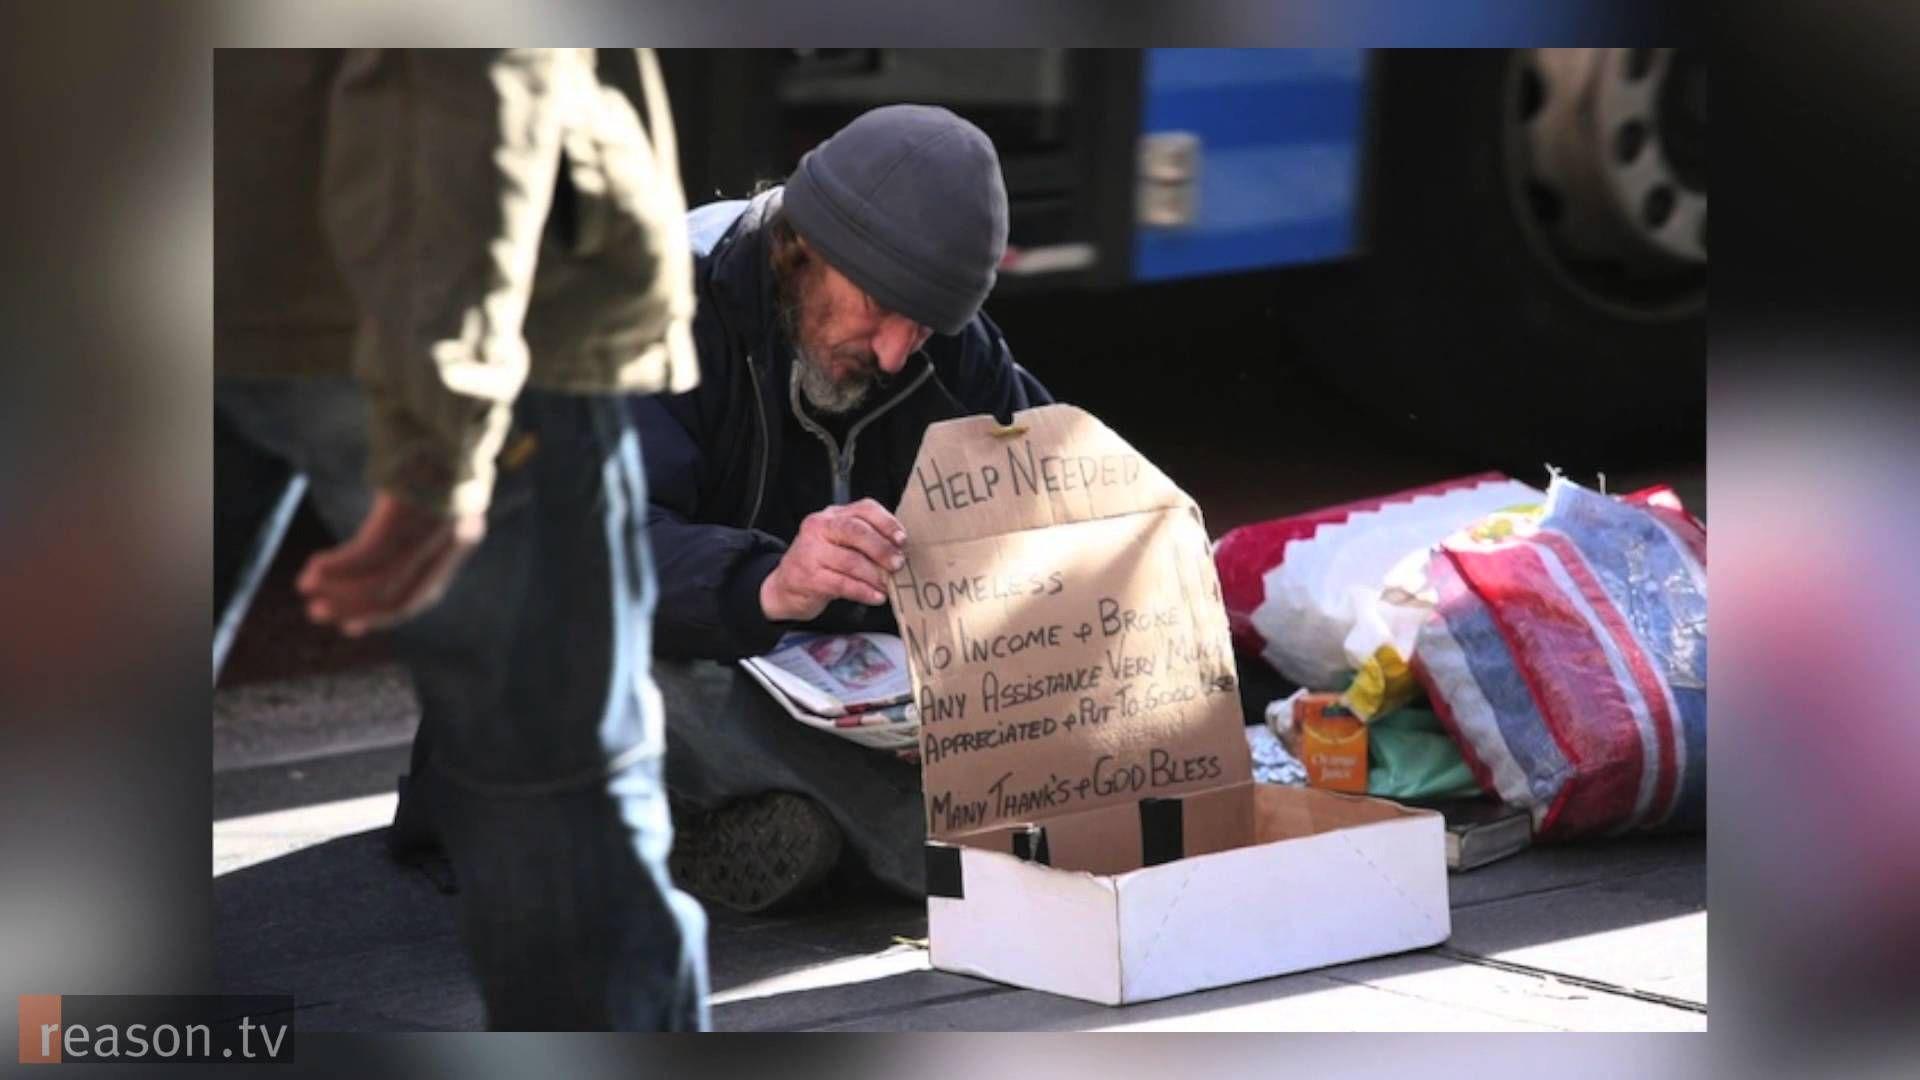 Philadelphia: No Love for the Homeless